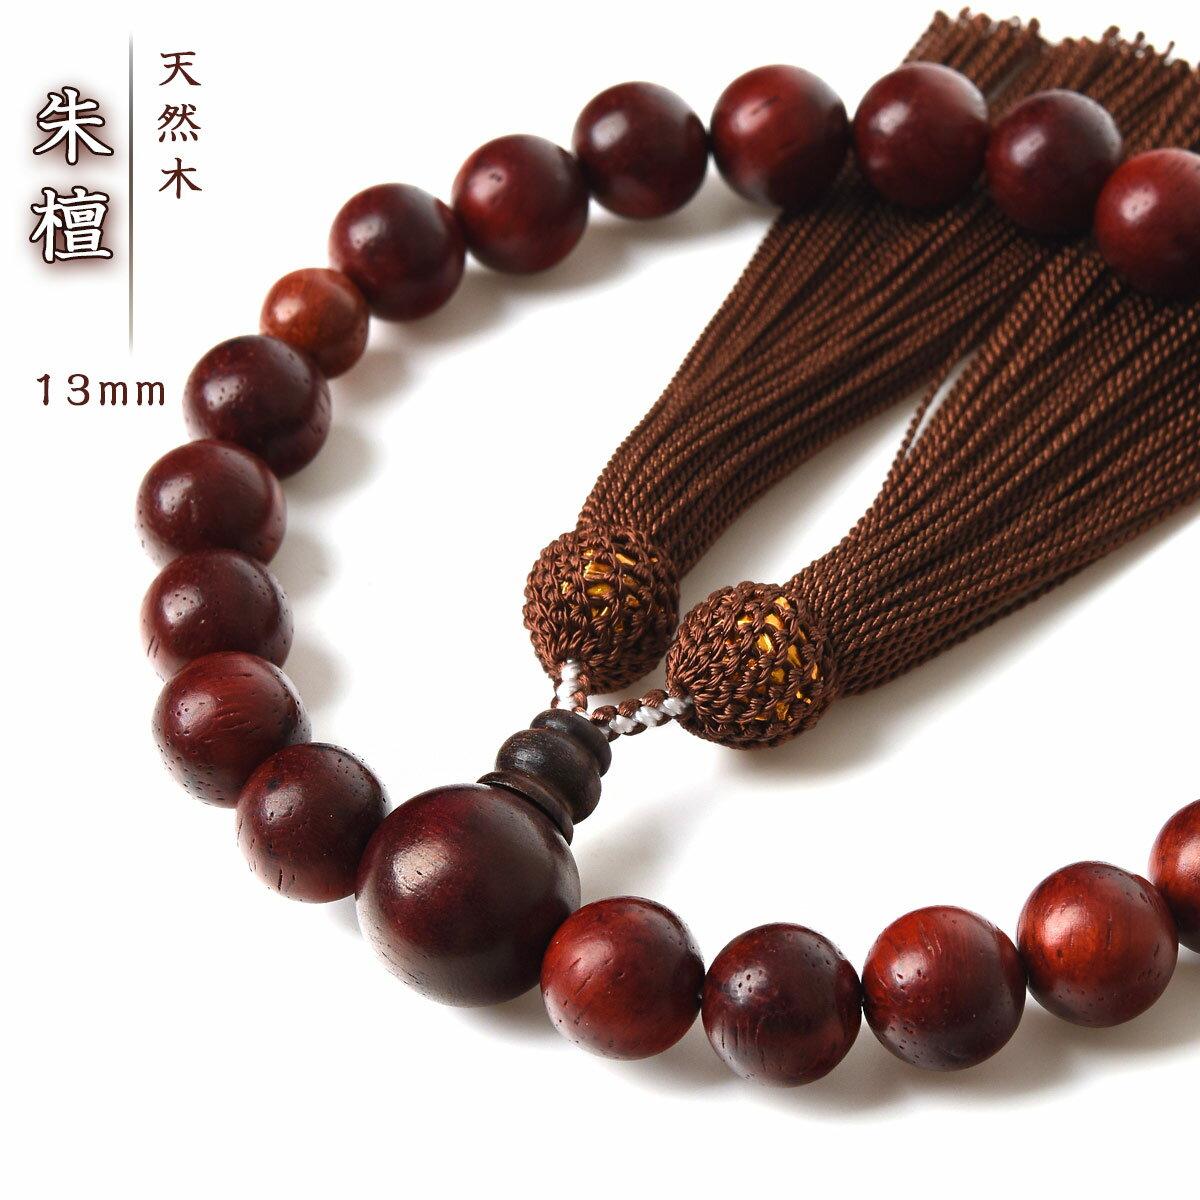 数珠 男性用 朱檀 数珠入れ 特典付 13mm 念珠 天然素材 juzu